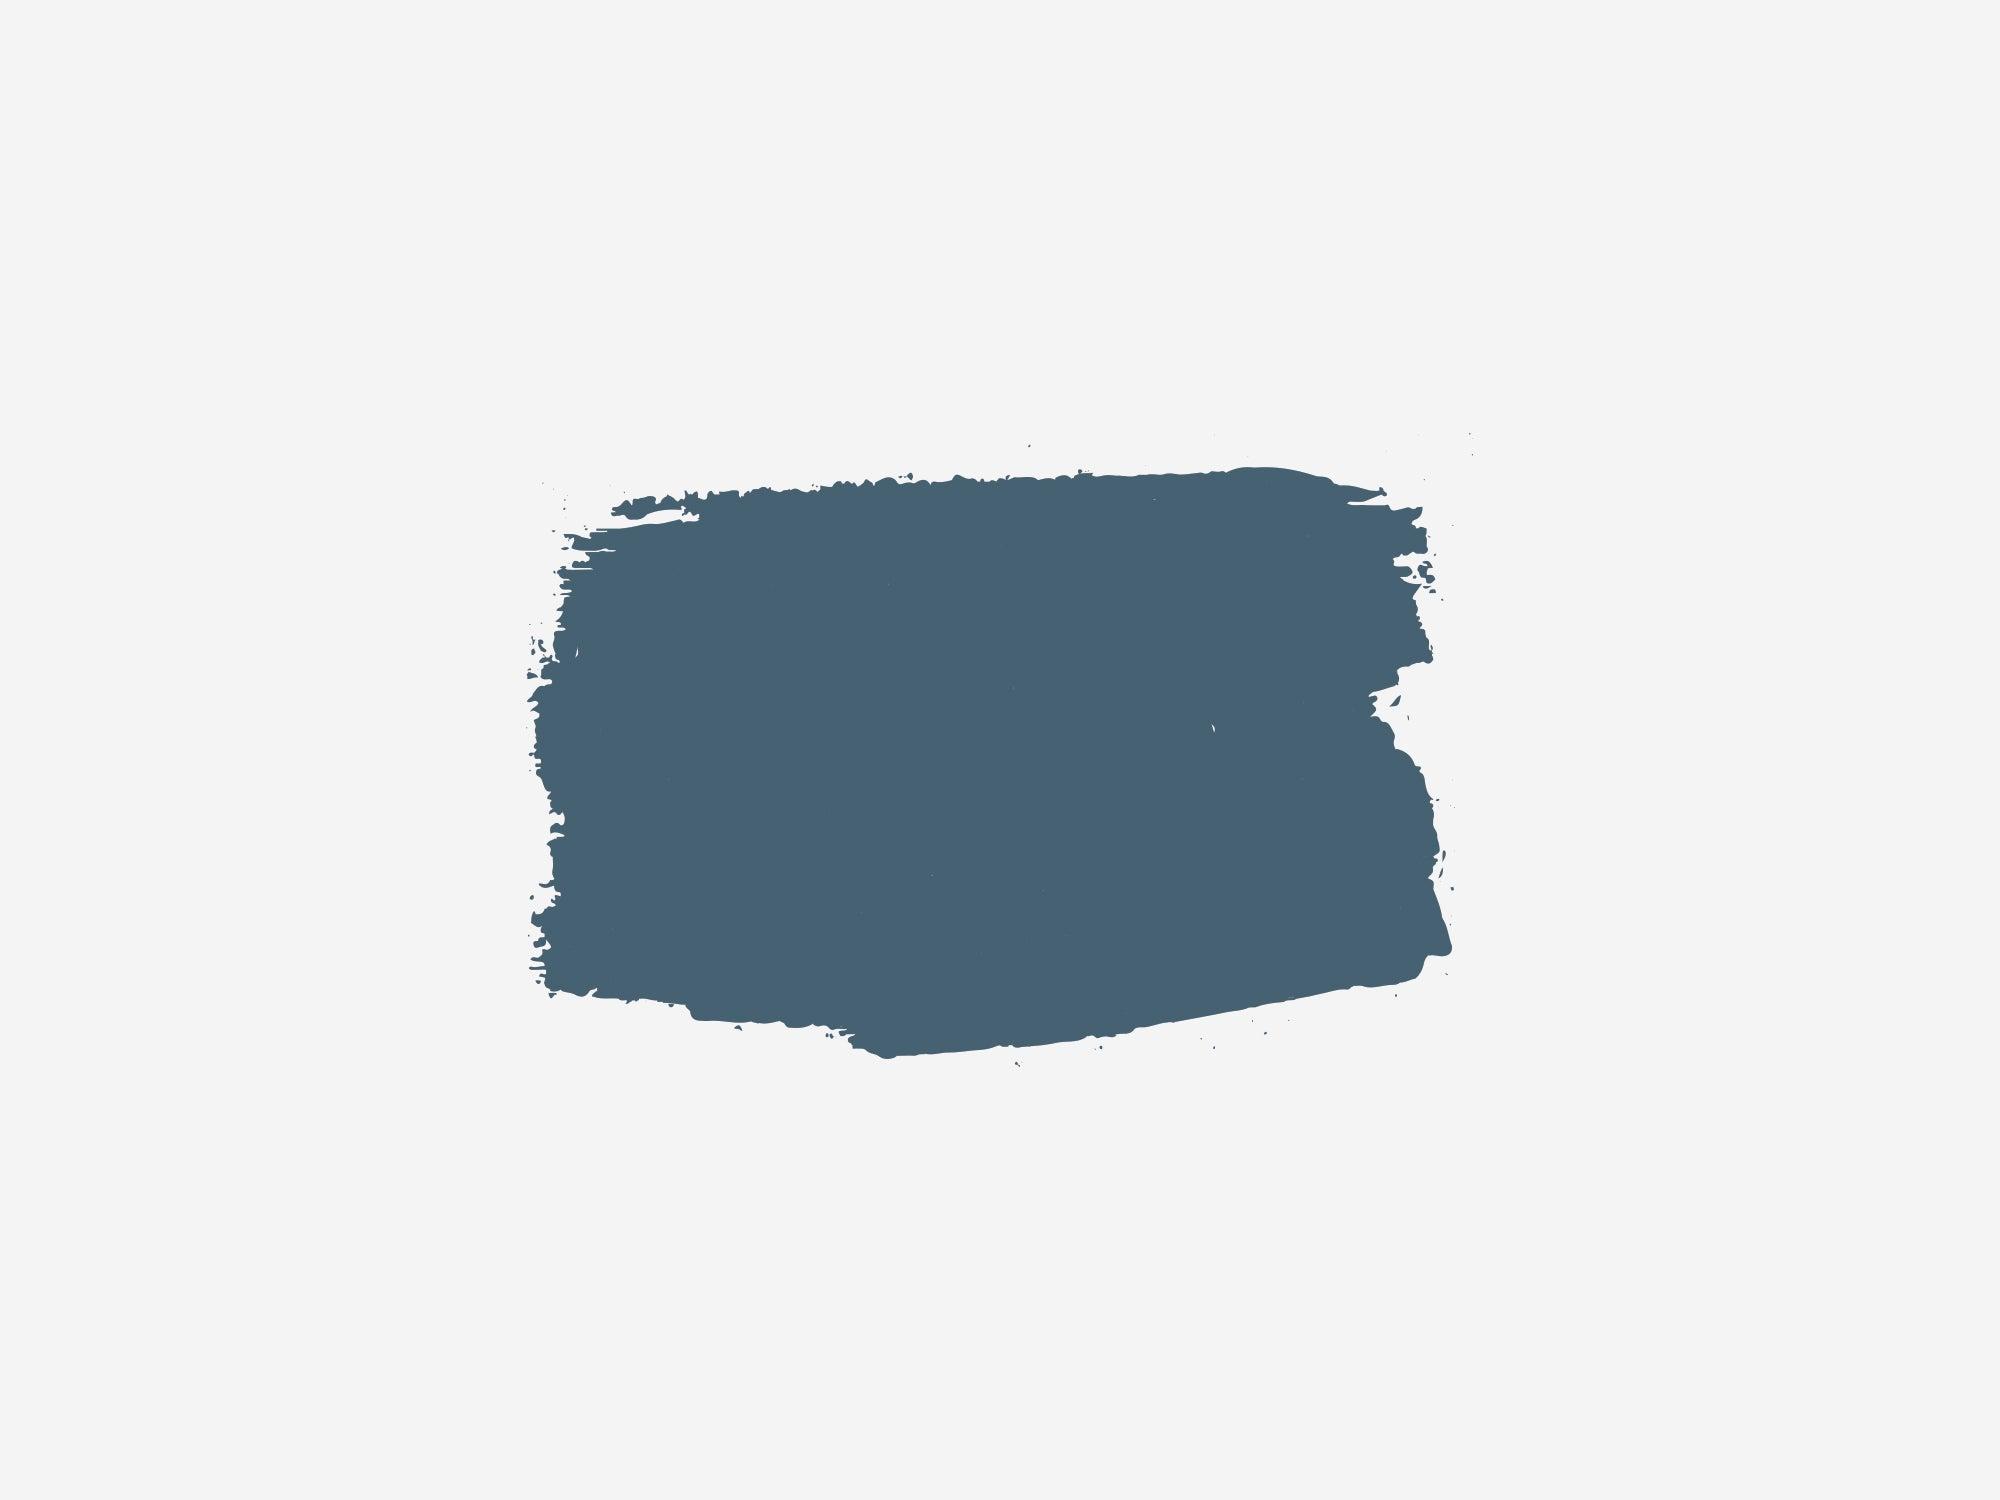 farrow_and_ball_stifkey_blue